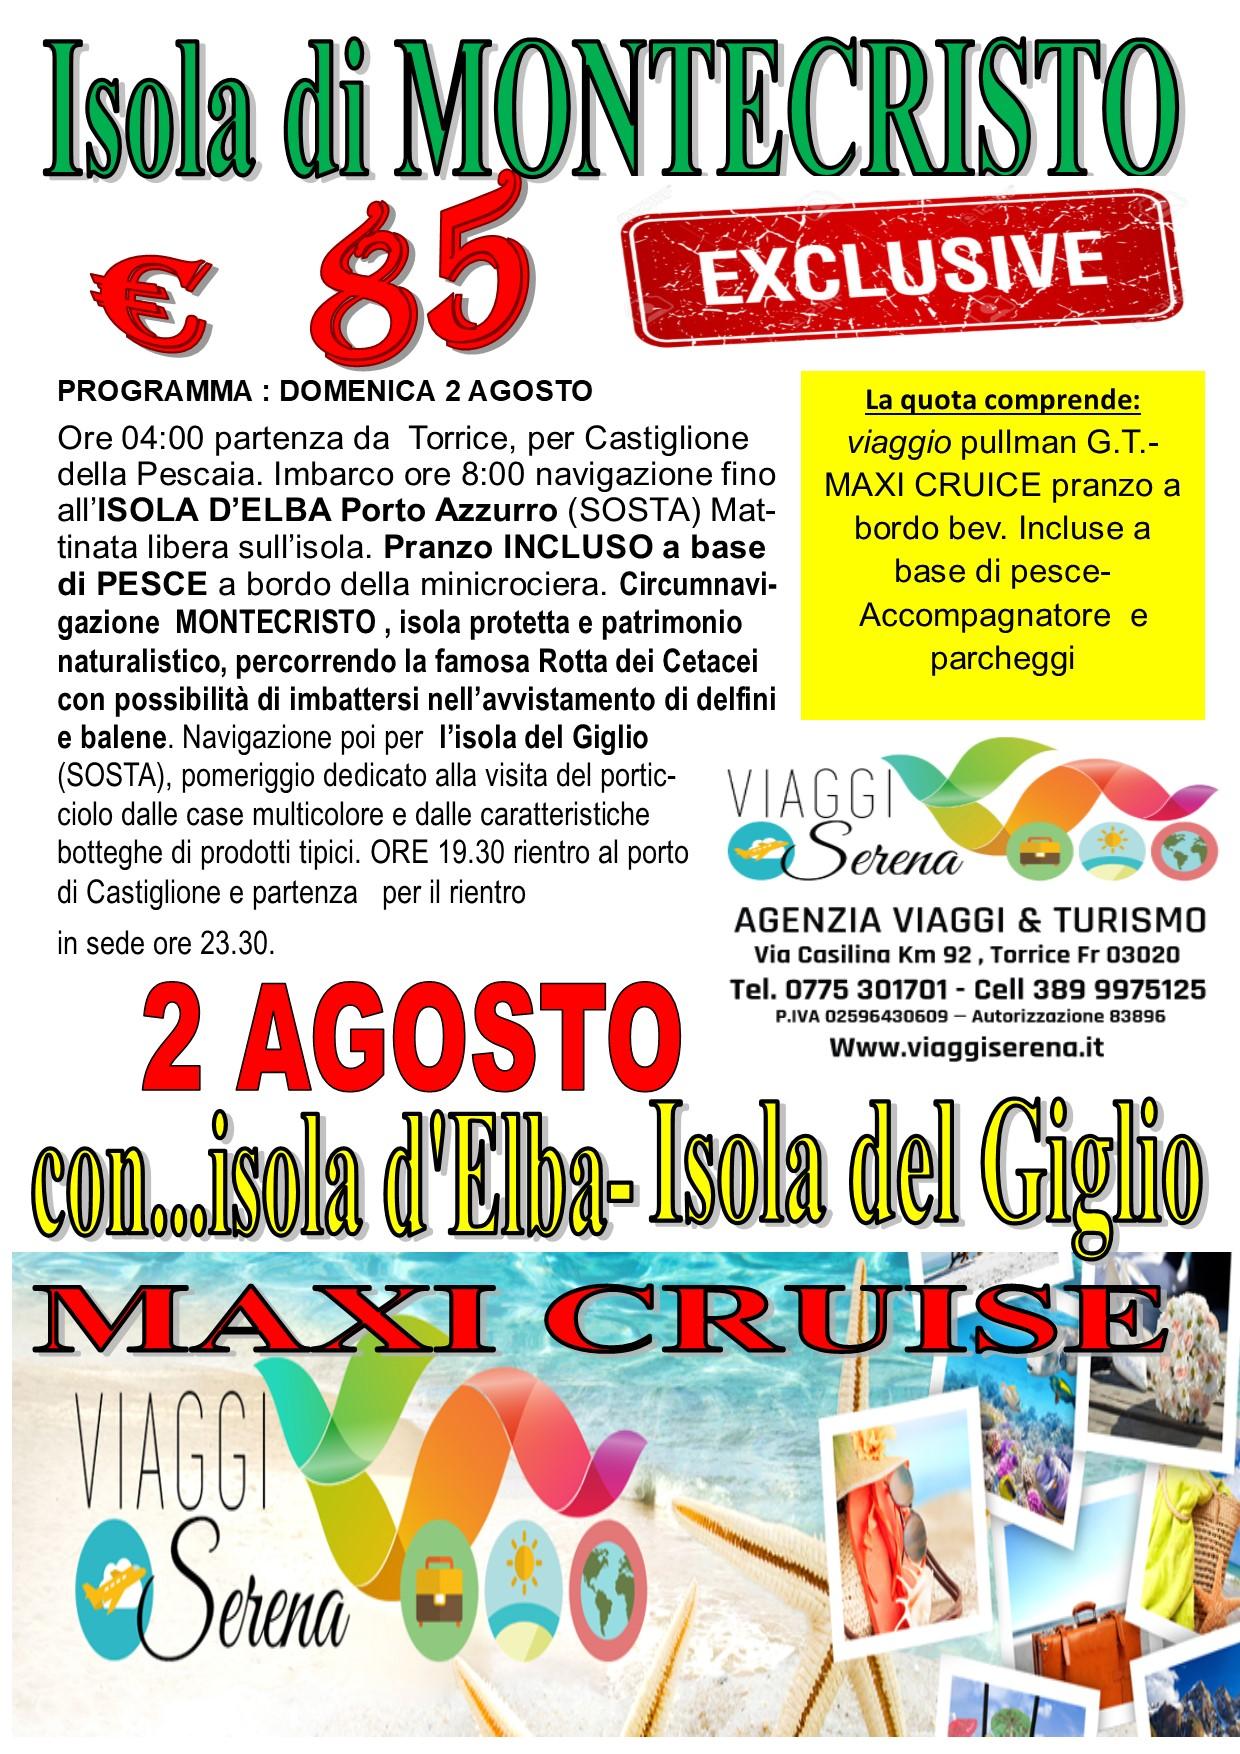 Viaggi di Gruppo: Isola di MONTECRISTO , Isola d'Elba e Isola del Giglio 2 Agosto €85,00